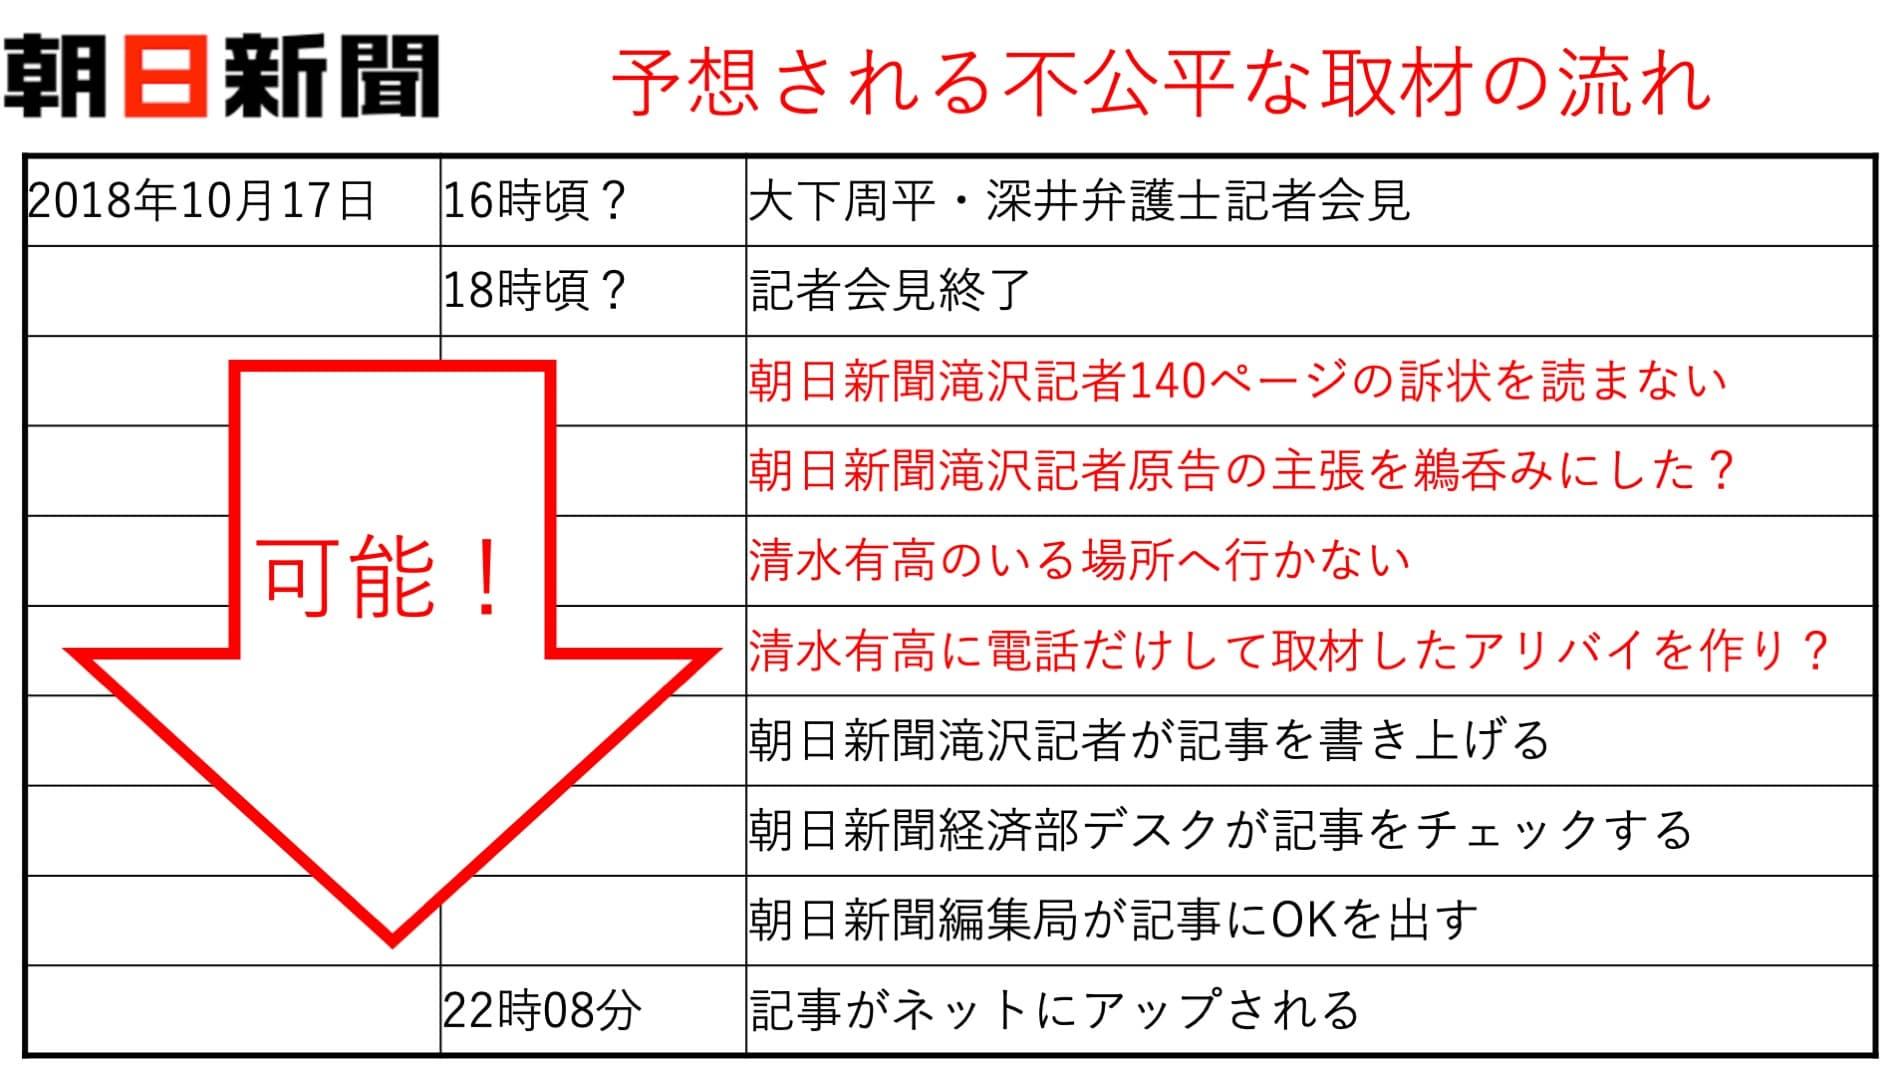 朝日新聞滝沢記者当日取材の流れ?2